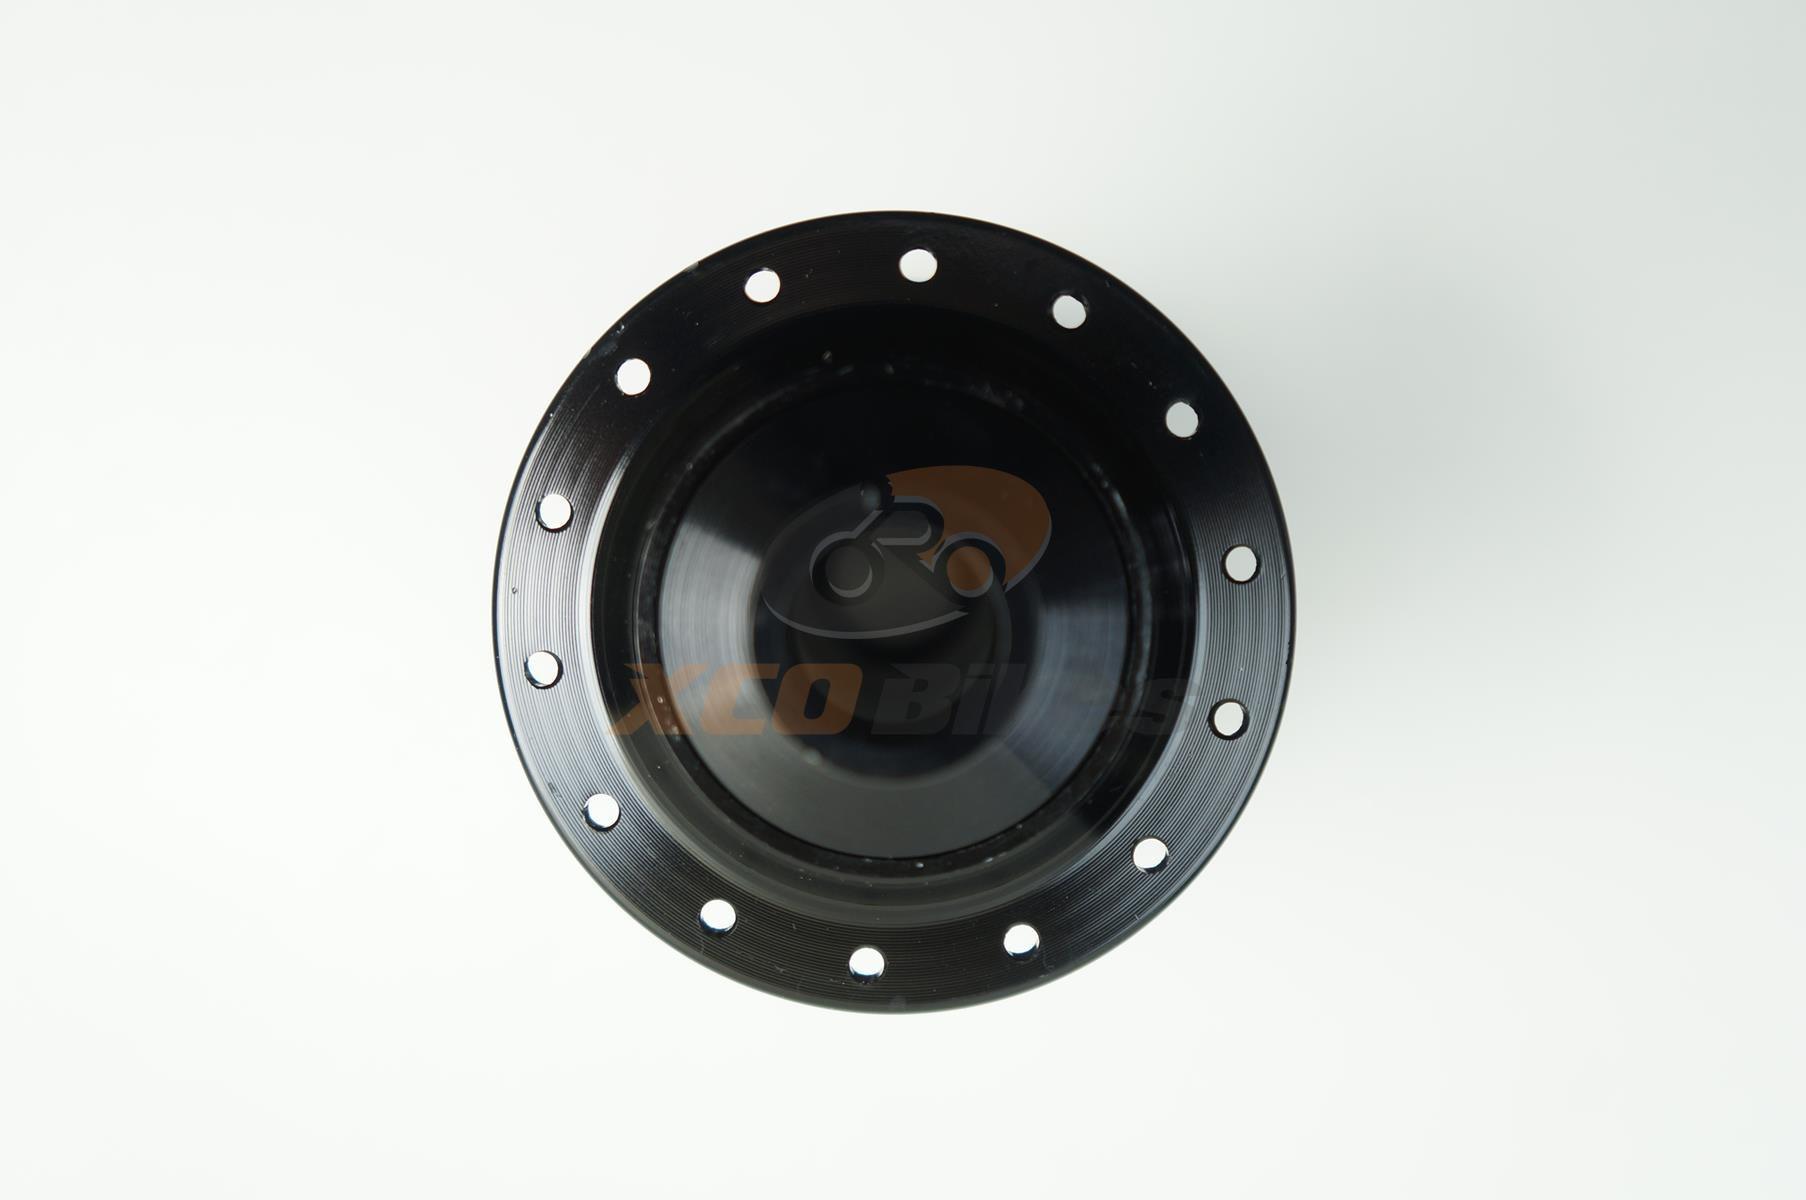 Par de Cubos Absolute Prime Eixo 15x100 e 142x12mm 28 furos com Rolamentos Padrão Shimano 9-10-11v